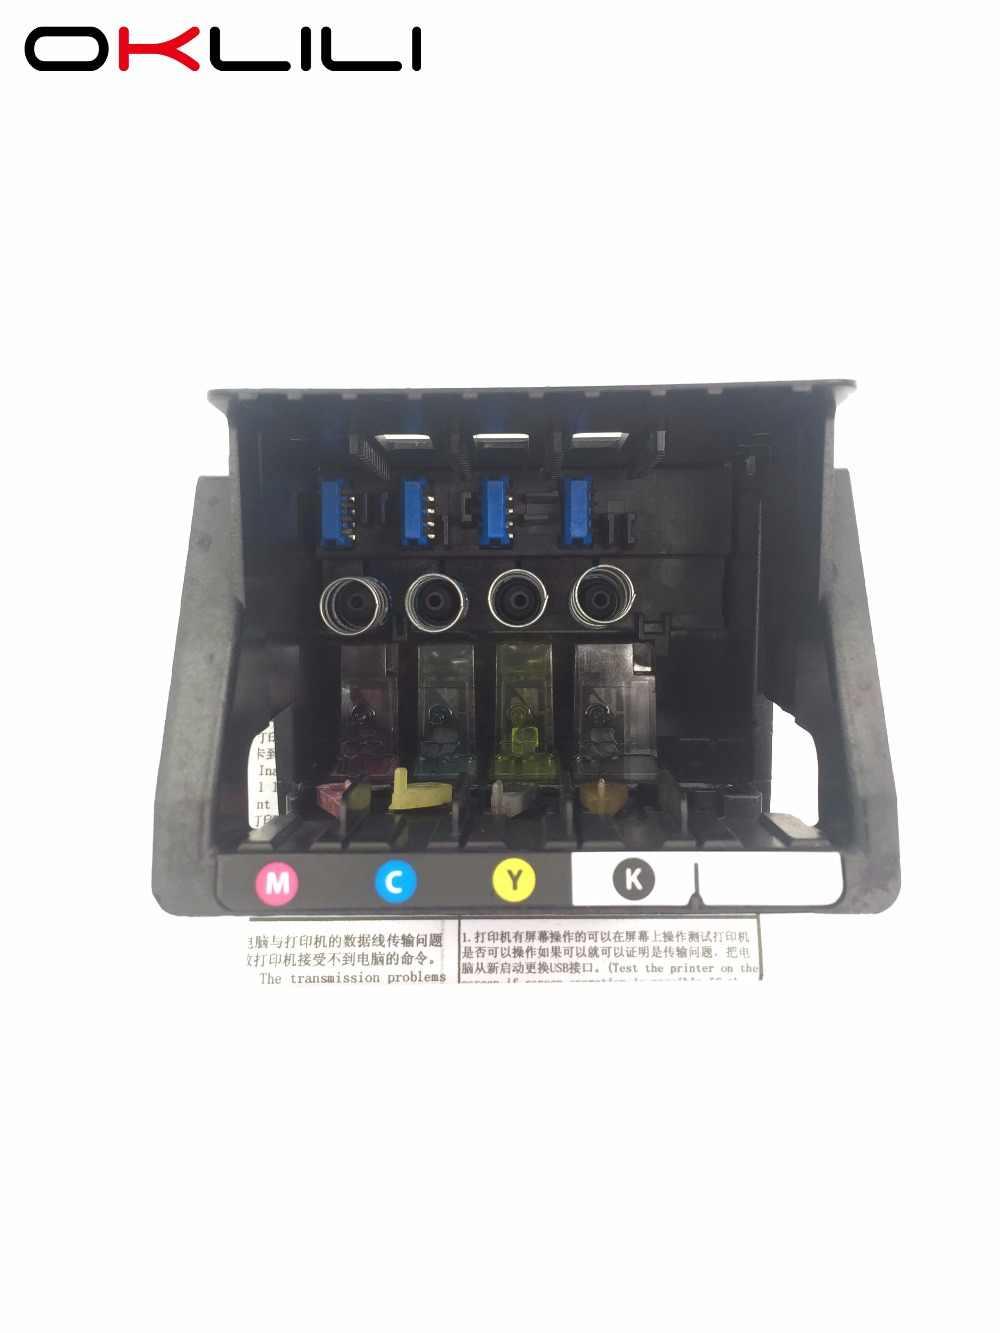 CM751-80013A 950 951 950XL 951XL Printhead Print head for HP Pro 8100 8600  Plus 8610 8620 8625 8630 8700 Pro 251DW 251 276 276DW